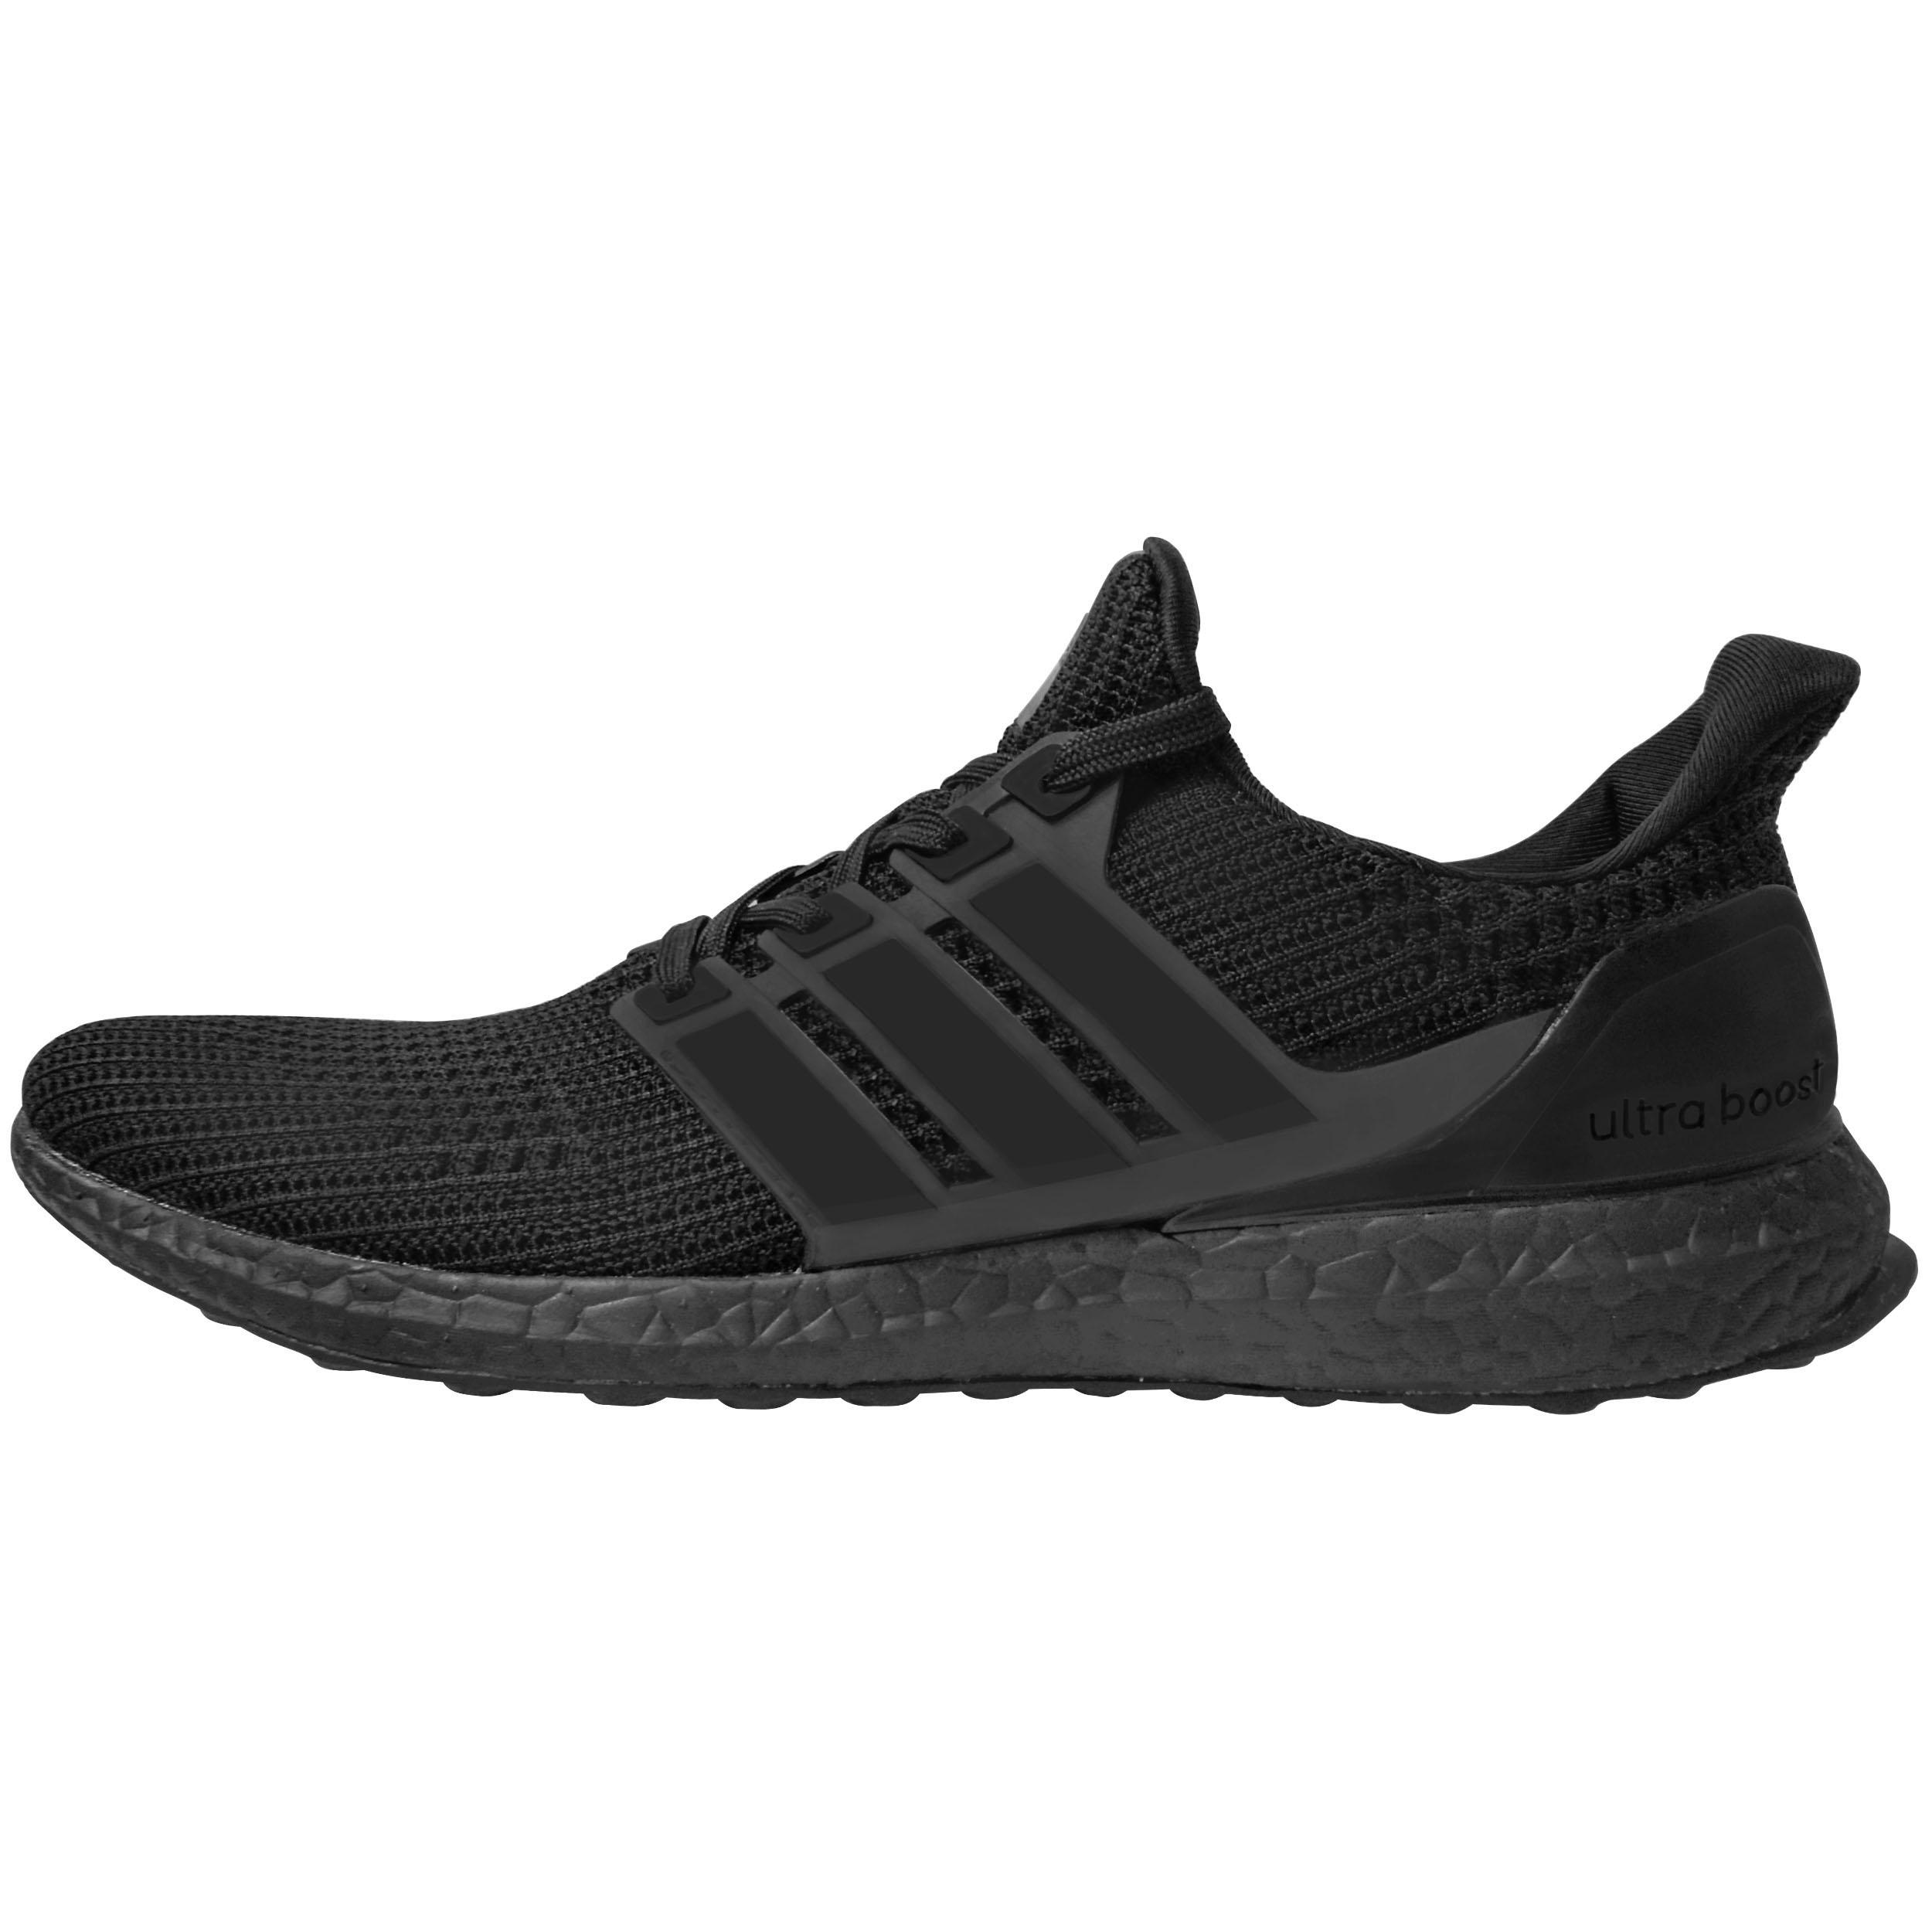 خرید                     کفش مخصوص پیاده روی مردانه آدیداس مدل ultraboost